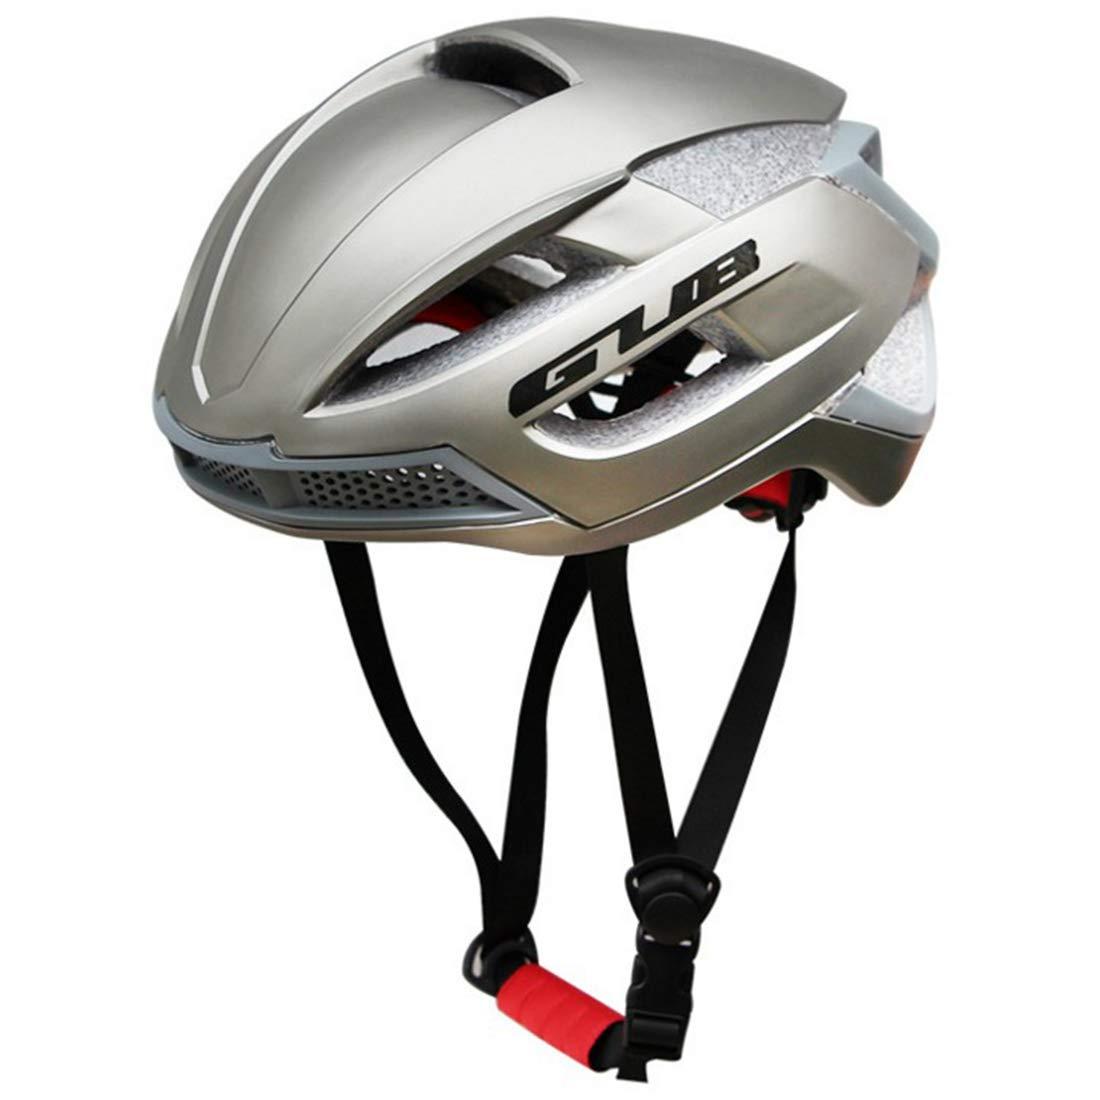 CAFUTY 自転車用ヘルメット、屋外用サイクリング愛好家に最適な自転車用安全ヘルメット。 (サイズ : 03) 3  B07PLDQZ9Q